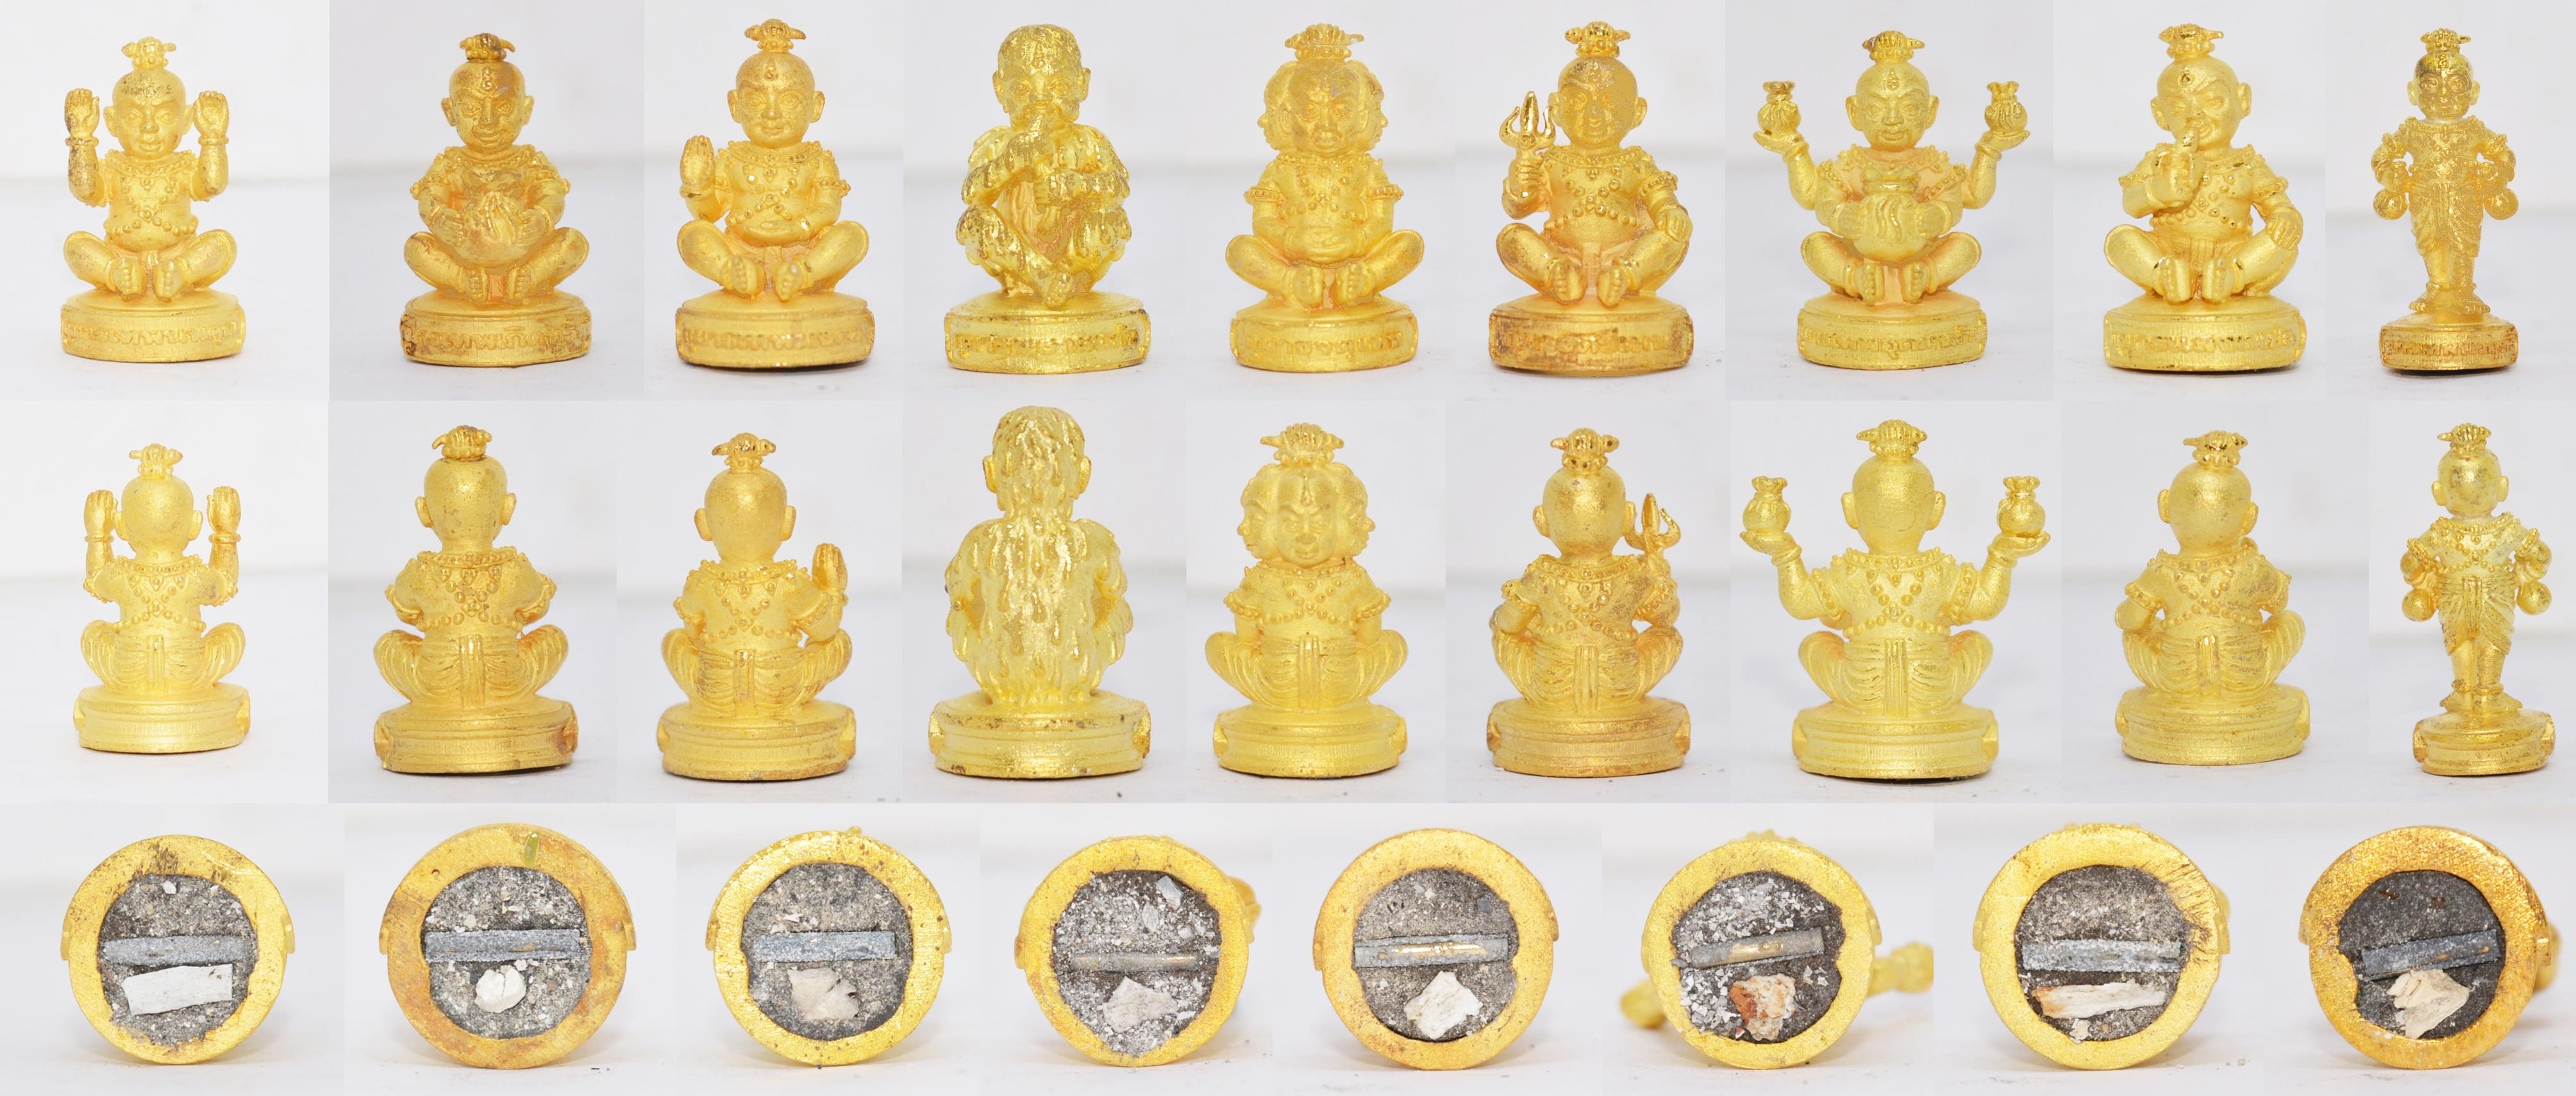 กุมารทอง เนื้อสัมฤทธิ์ชุบทอง ชุดละ 9 องค์ รุ่นกำเนิดกุมารทอง หลวงปู่เณรแก้ว วัดบ้านเกษตรทุ่งเศรษฐี